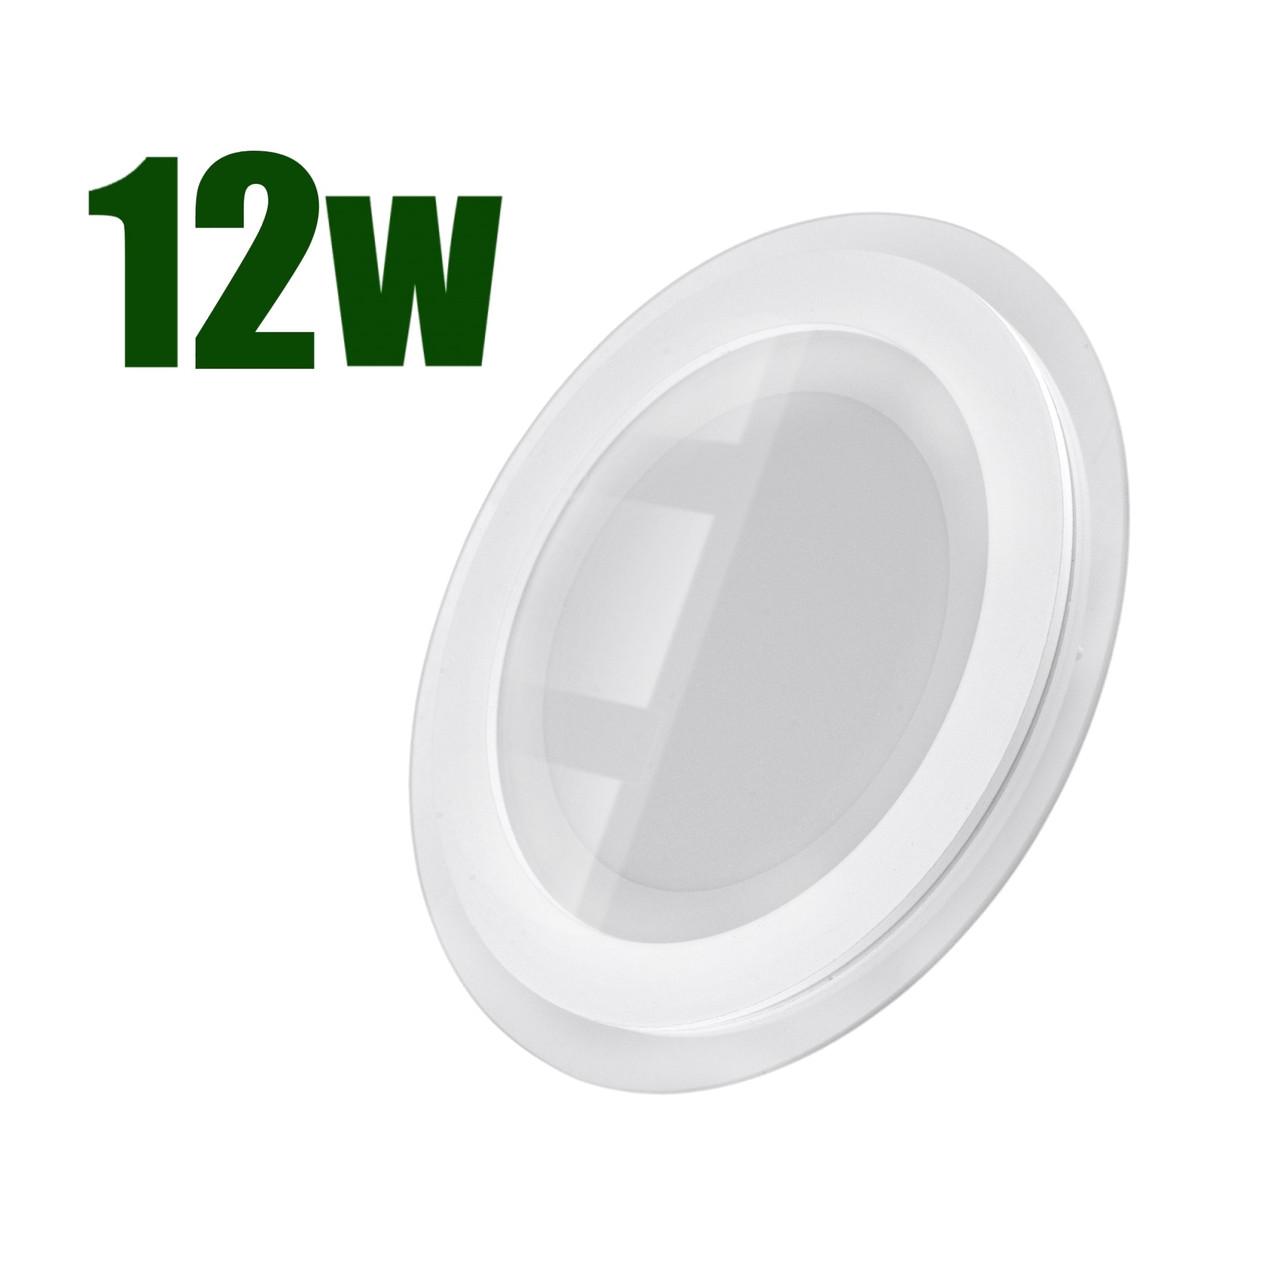 Светильник светодиодный встраиваемый LEDEX 12Вт 4000K 960lm круг стекло (101665)